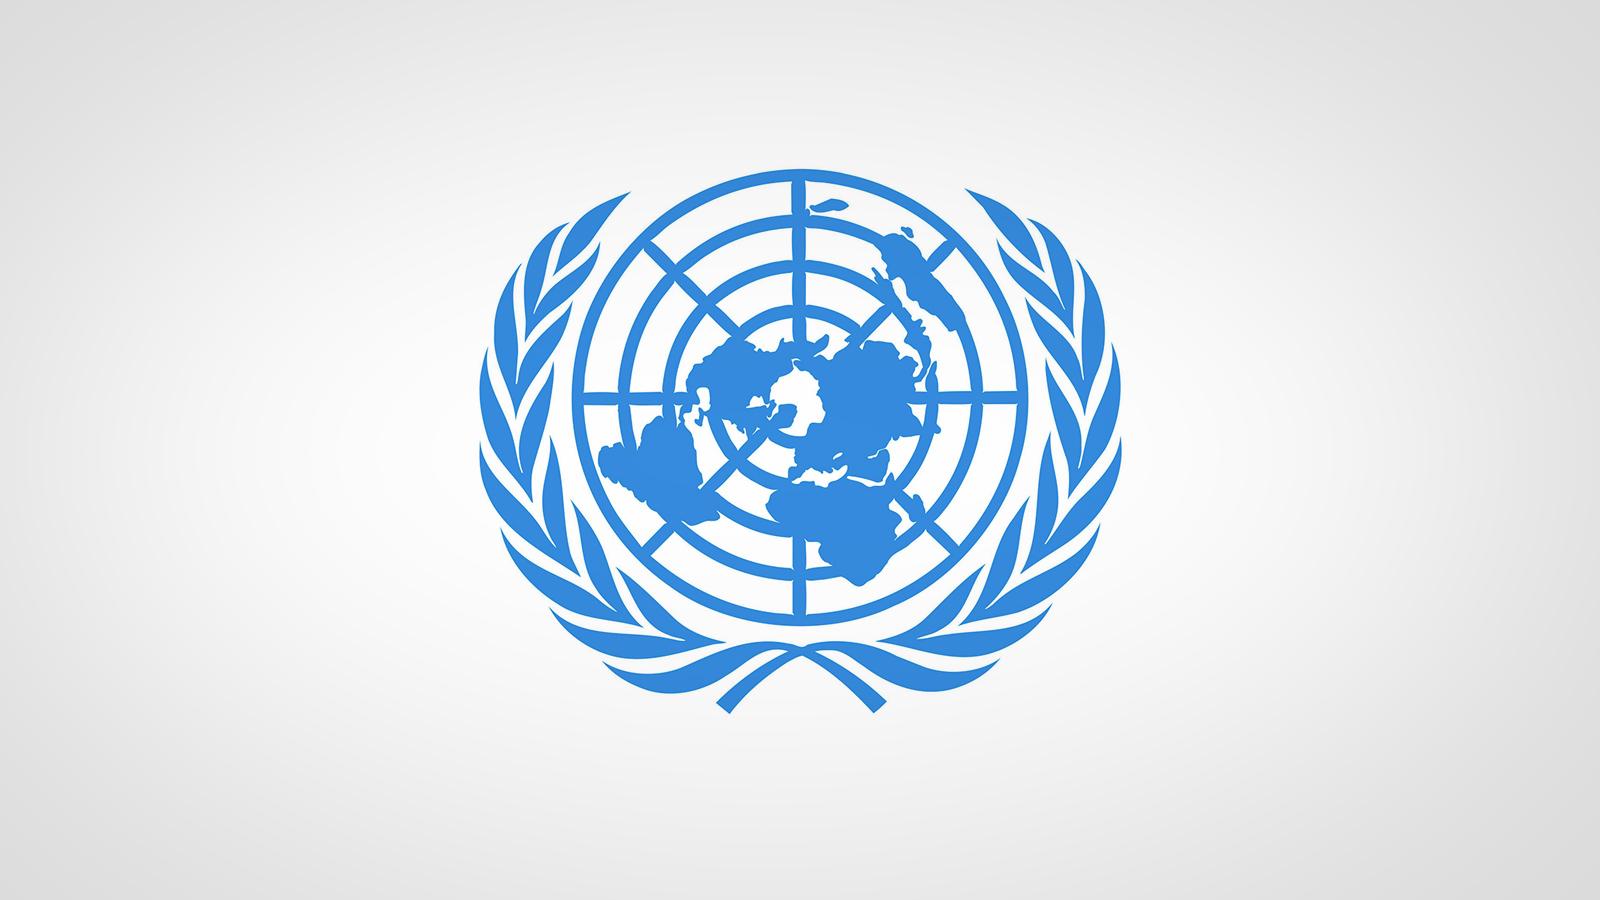 بعثة الأمم المتحدة إلى ليبيا